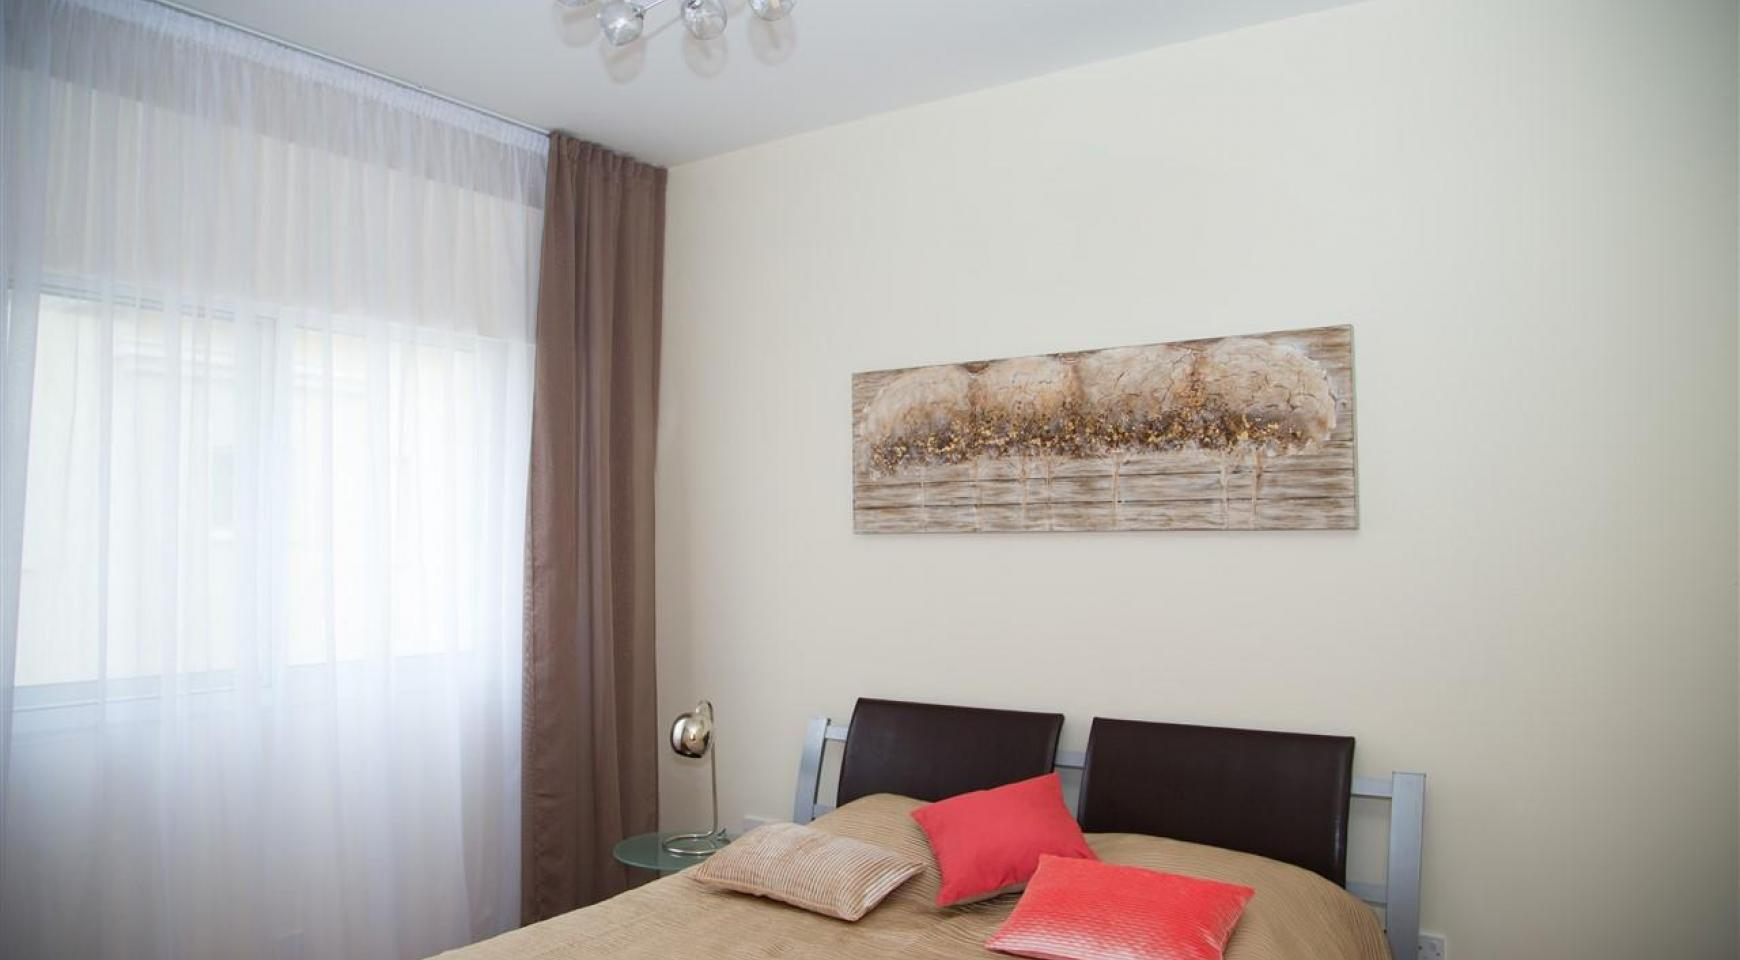 """2-Спальная Квартира - Люкс """"Mesogios Iris 304"""" в Туристической Зоне возле Моря - 19"""